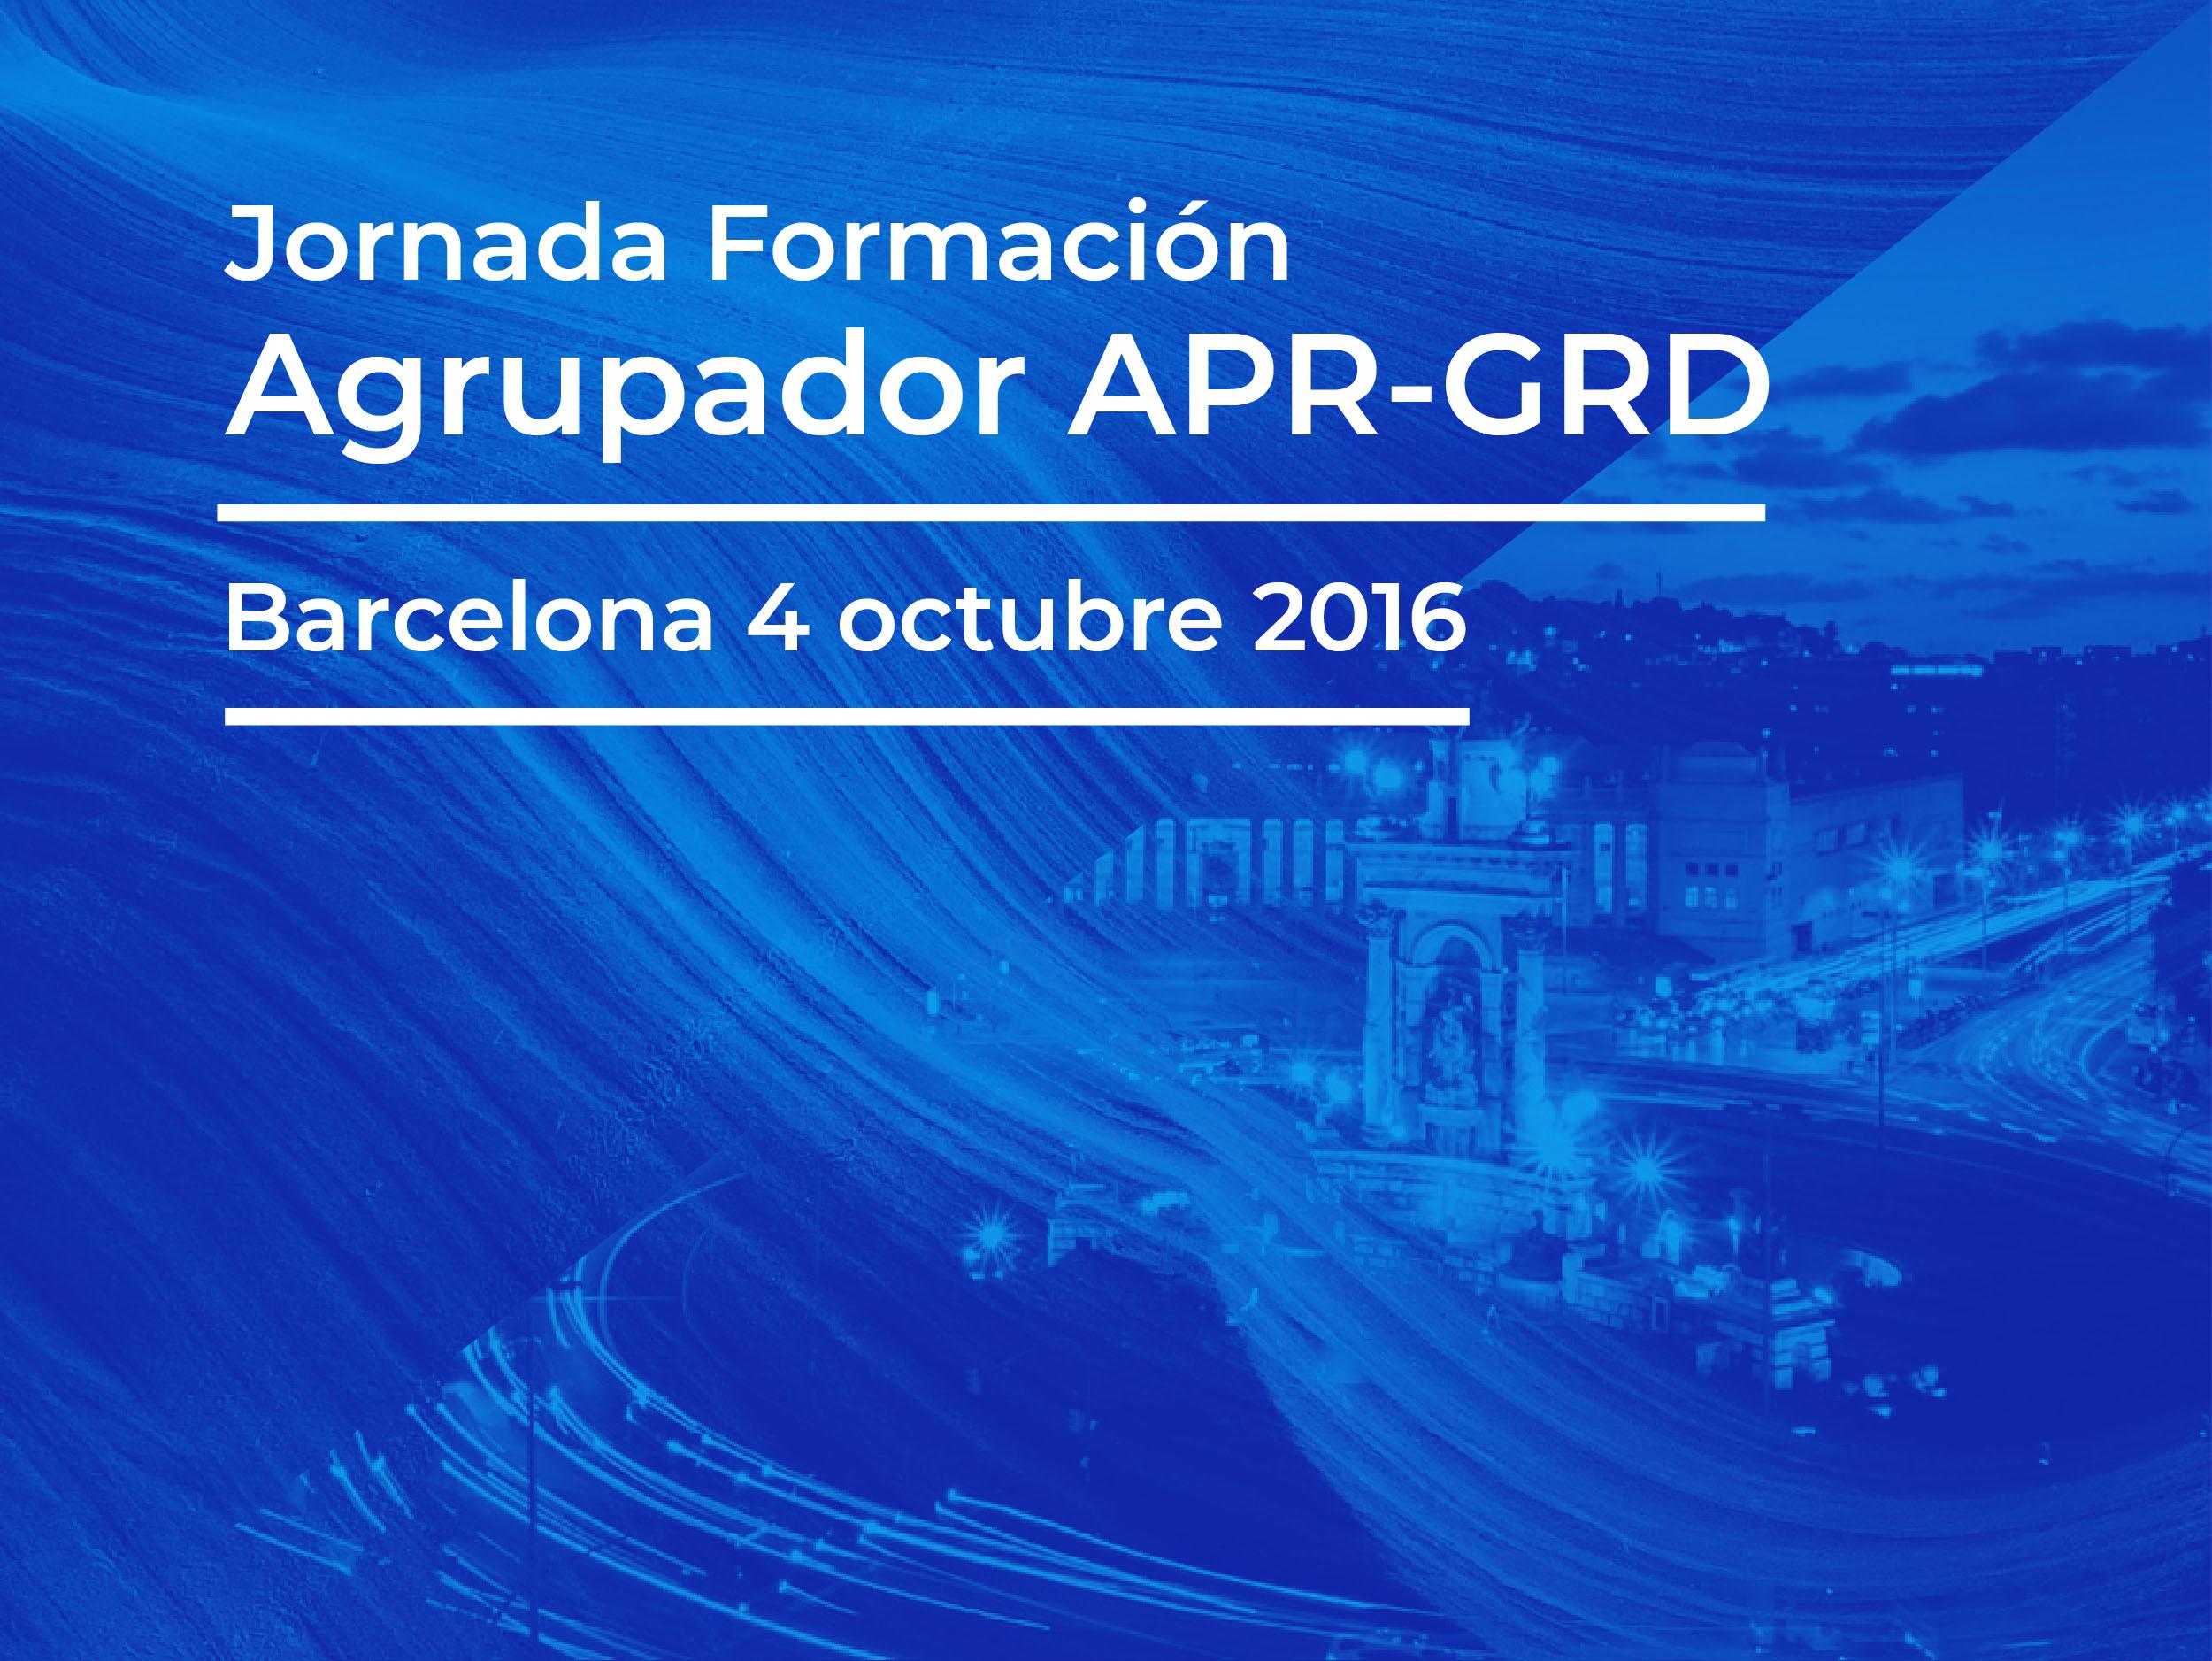 Formación APR-GRD Barcelona